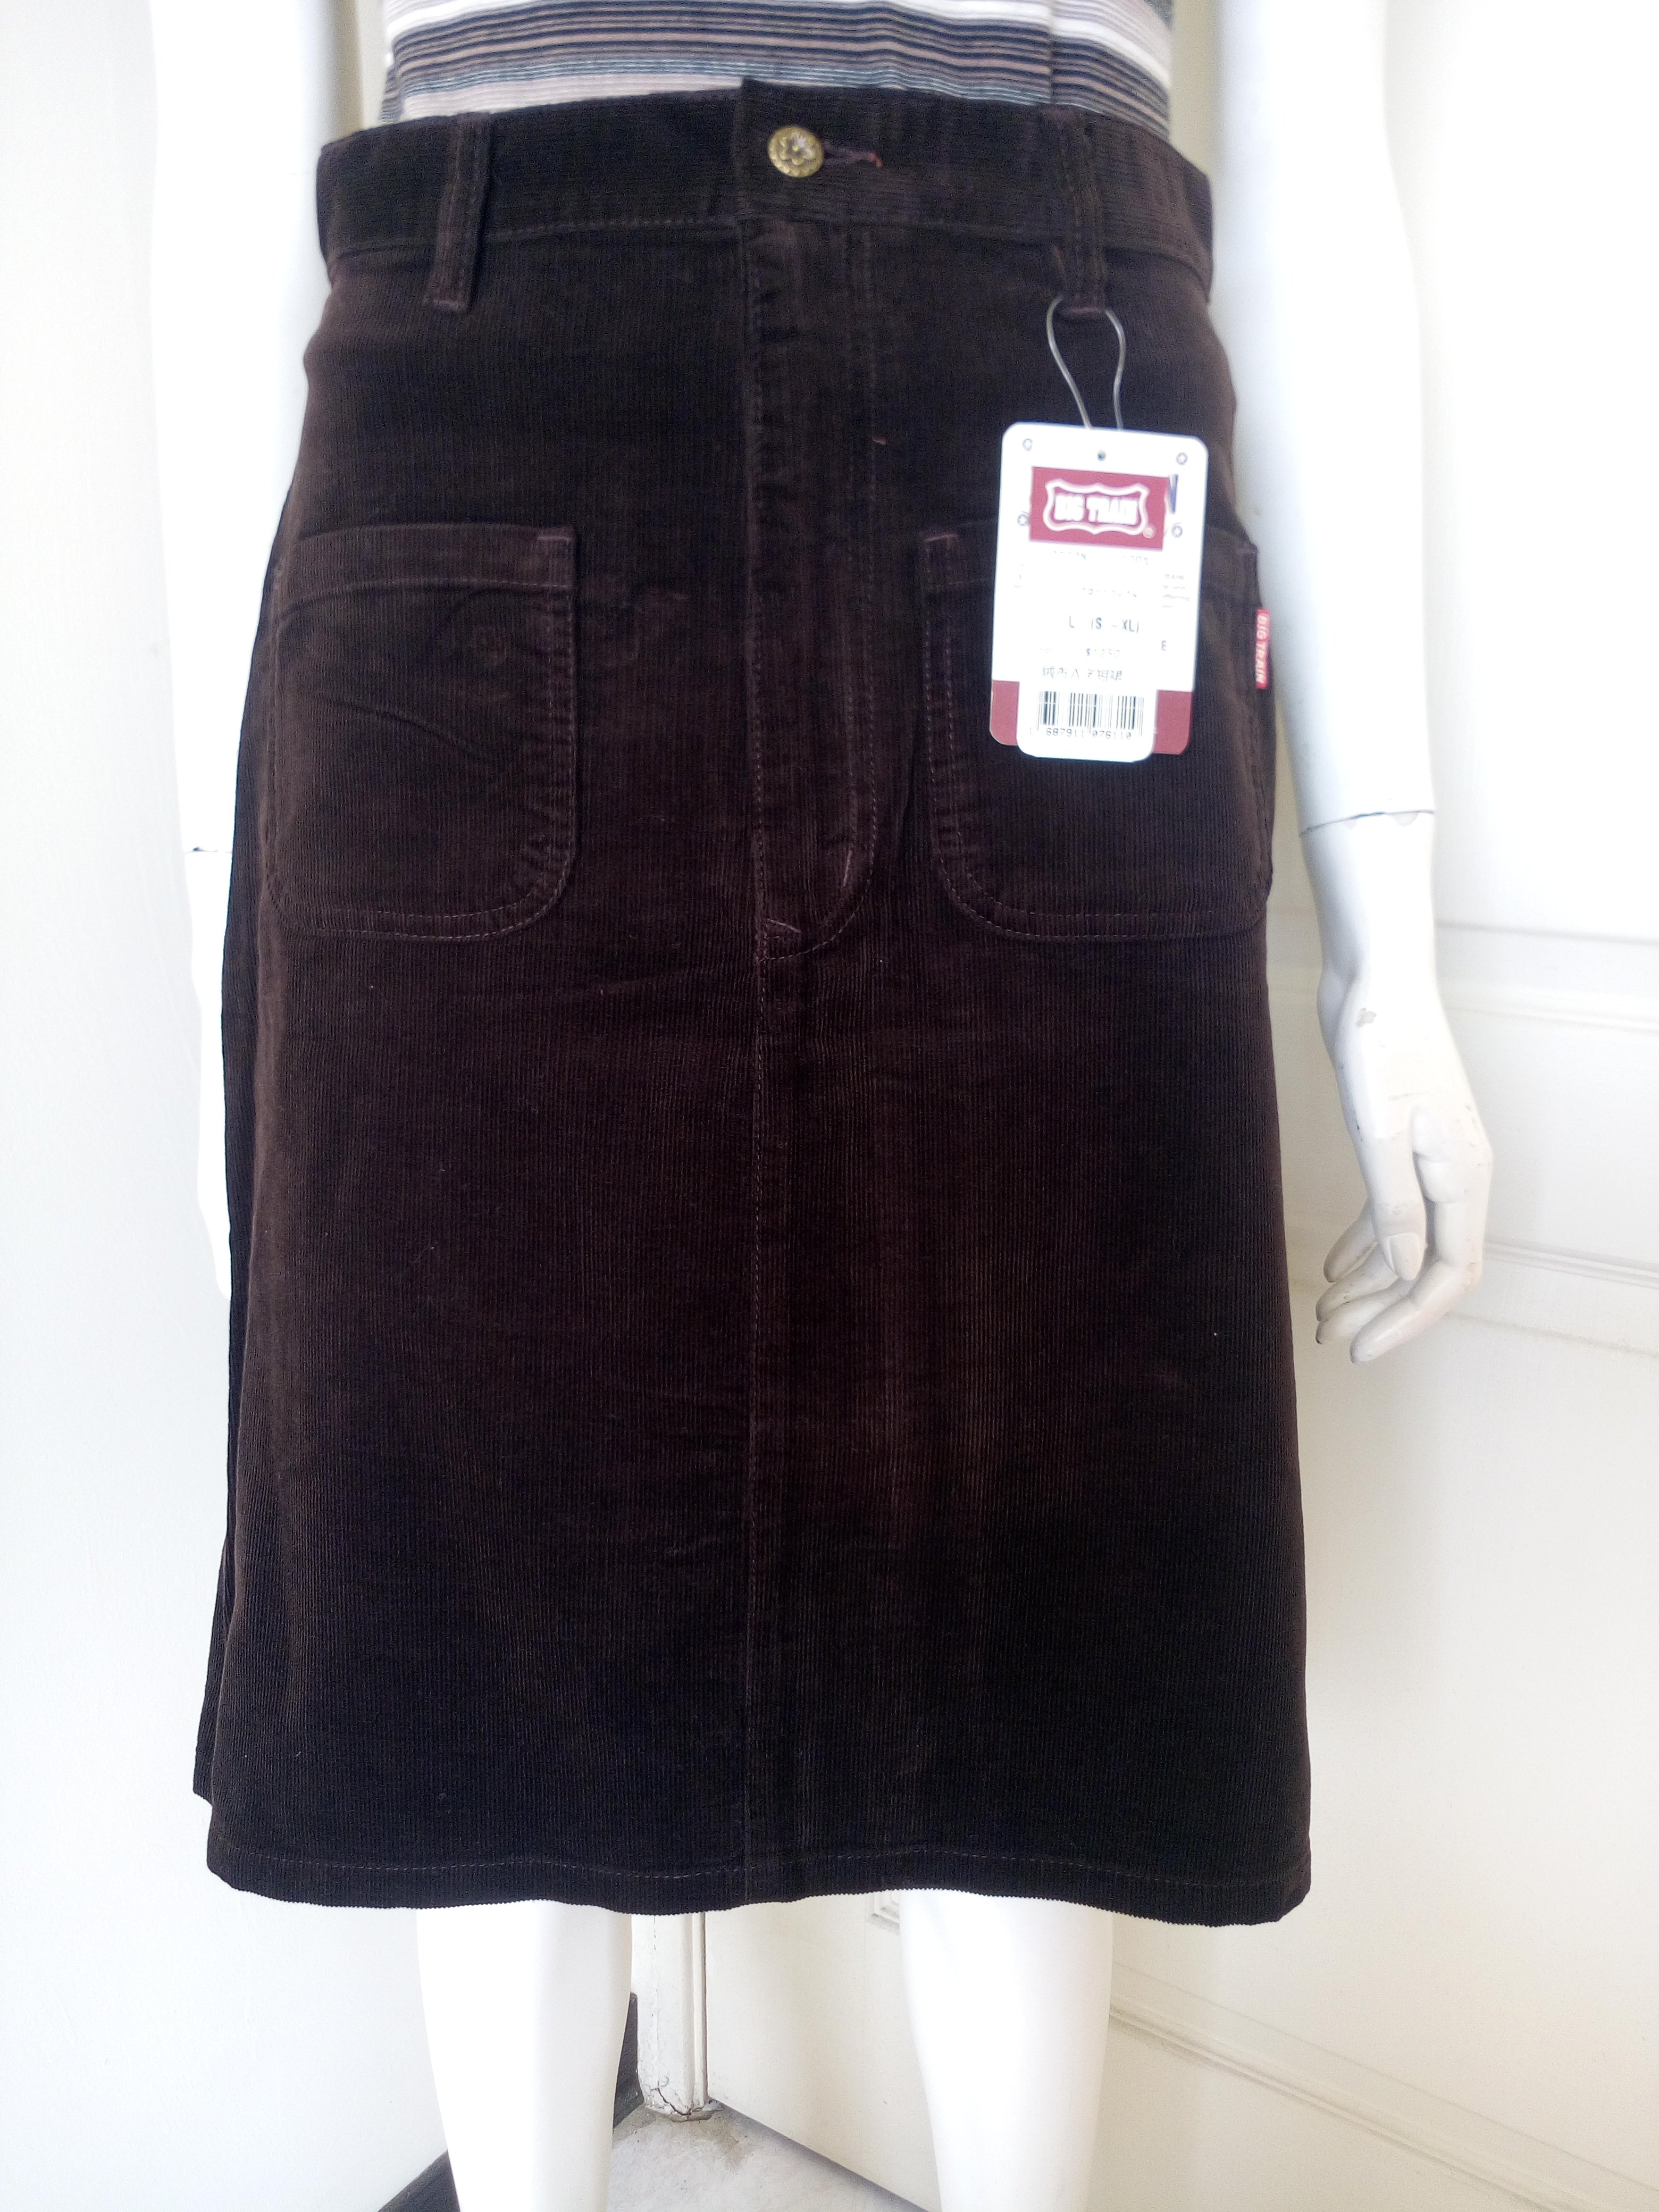 【新品有吊牌】牌價1250的專櫃BIG TRAIN深咖啡色絨布A字短裙,清衣櫃價120(女、SIZE:L號)